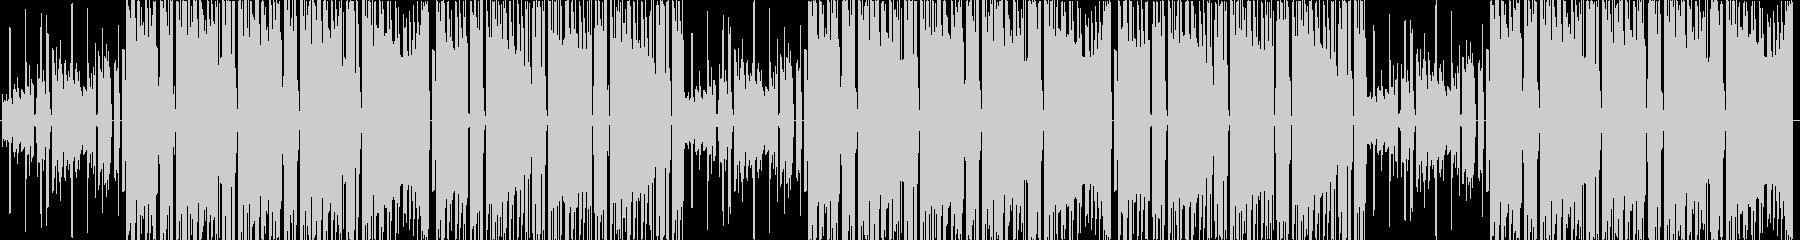 サウンドの賑やかなビートの未再生の波形